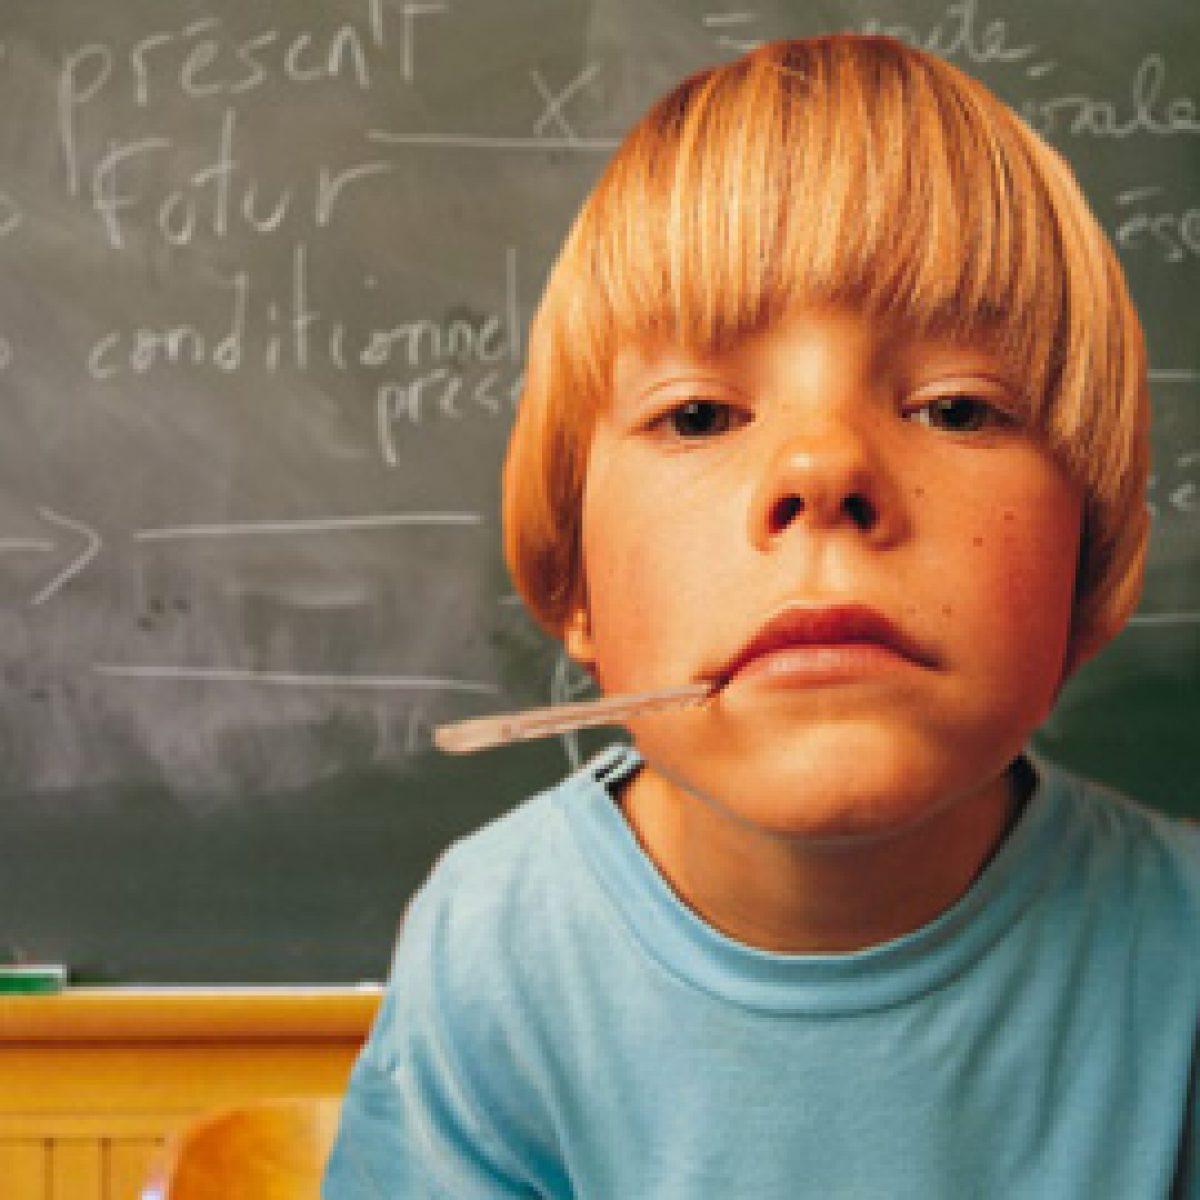 Τον άφησαν να «βράζει» στο σχολείο… γιατί;